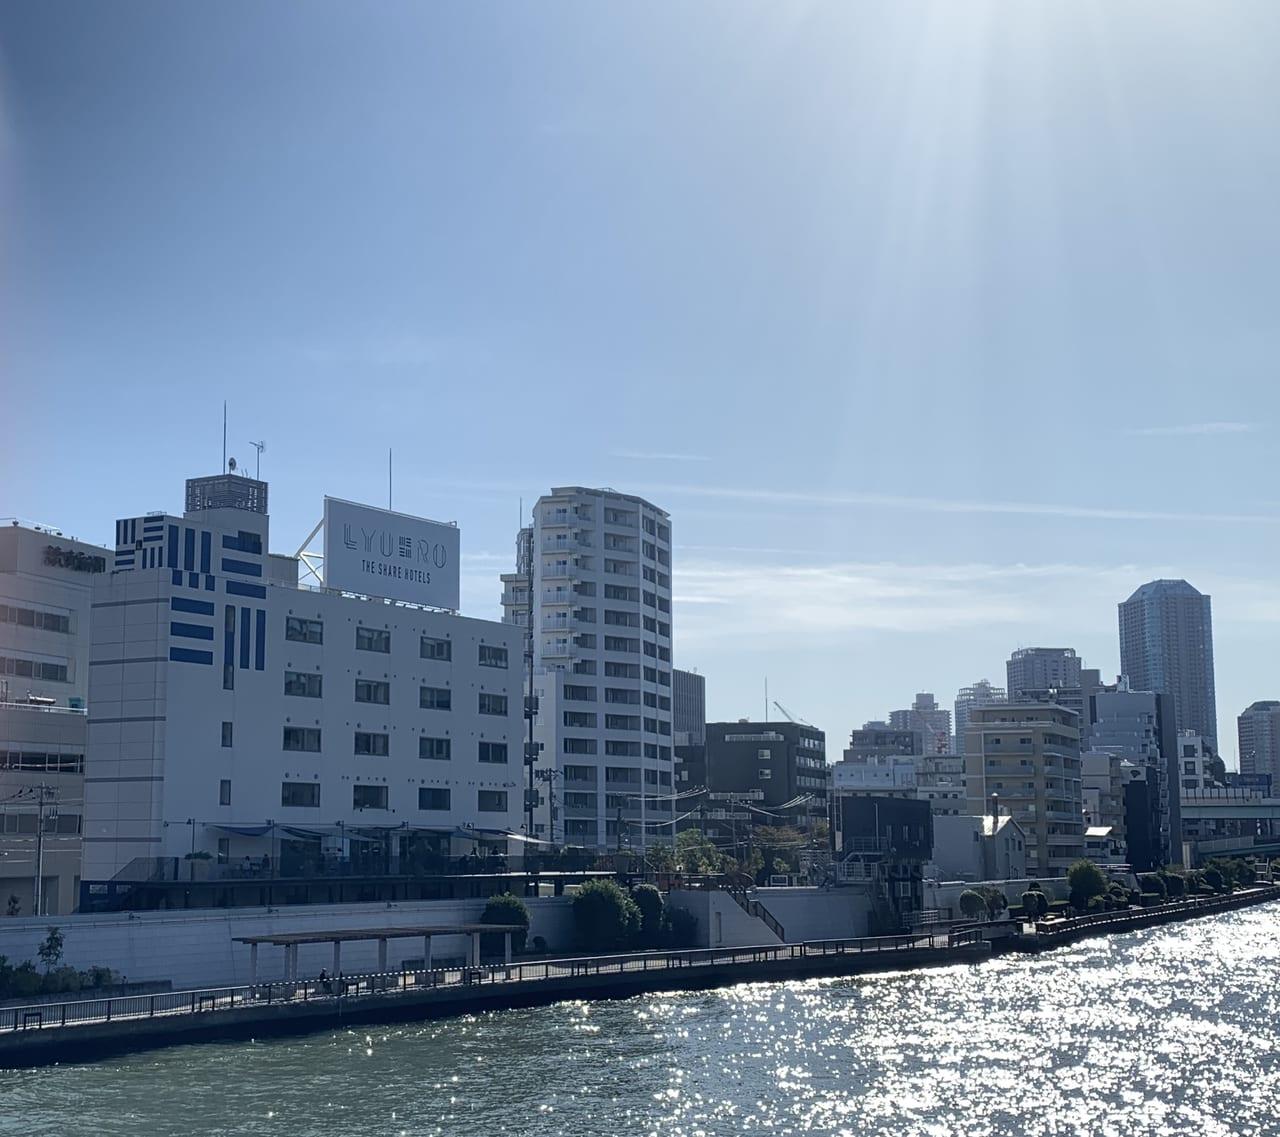 LYURO隅田川